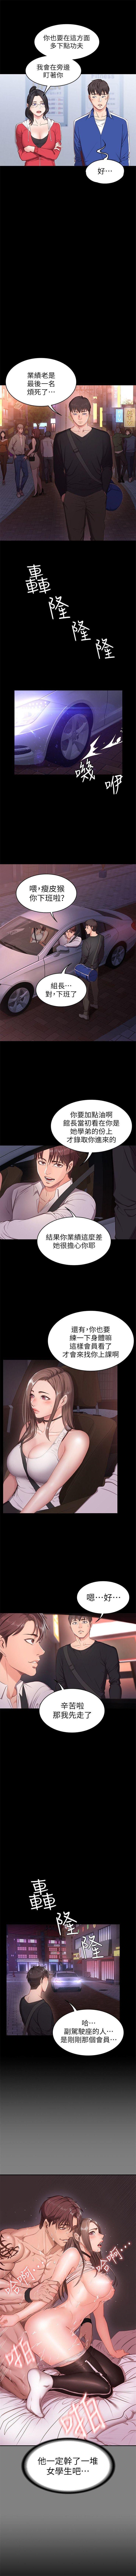 (周3)健身教练 1-29 中文翻译 (更新中) 4